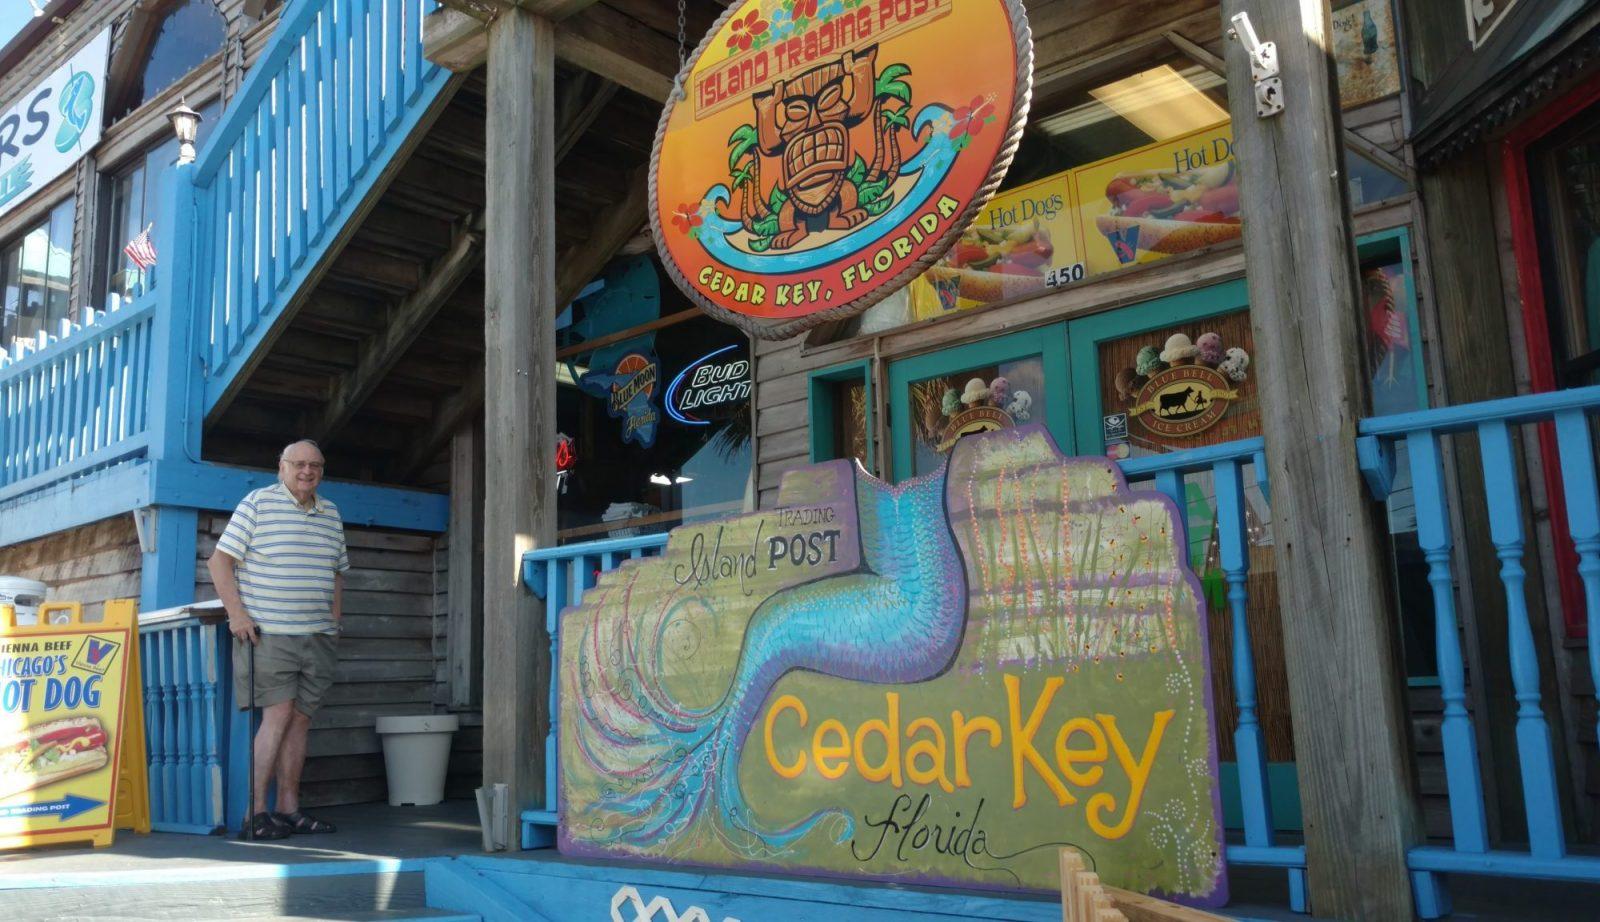 Cedar Key Pottery